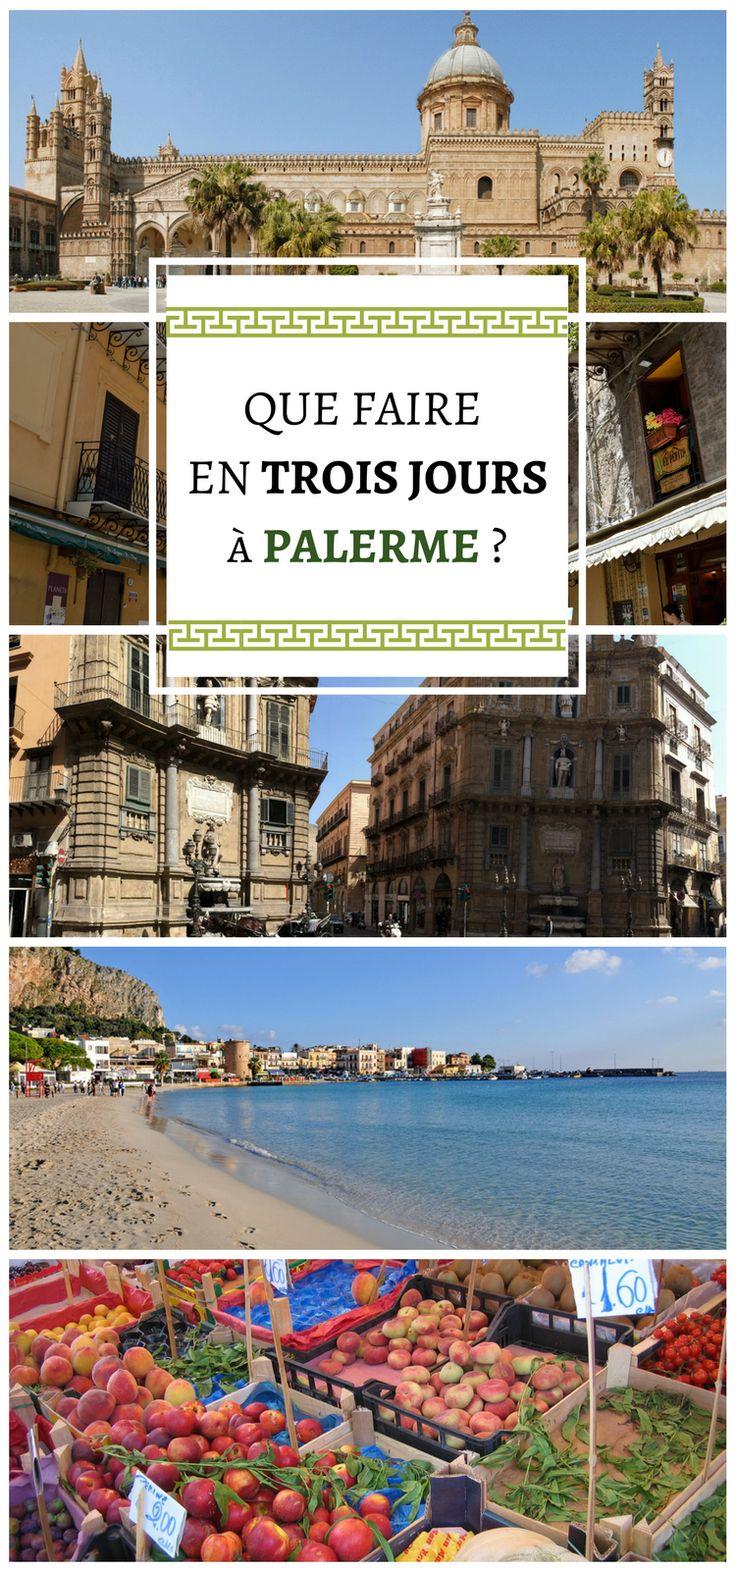 Palerme, capitale de la Sicile, plus grande île de la Méditerranée située sous l'Italie, est pleine de richesses à découvrir. Comment profiter de Palerme en trois jours ? Nous vous proposons un circuit.